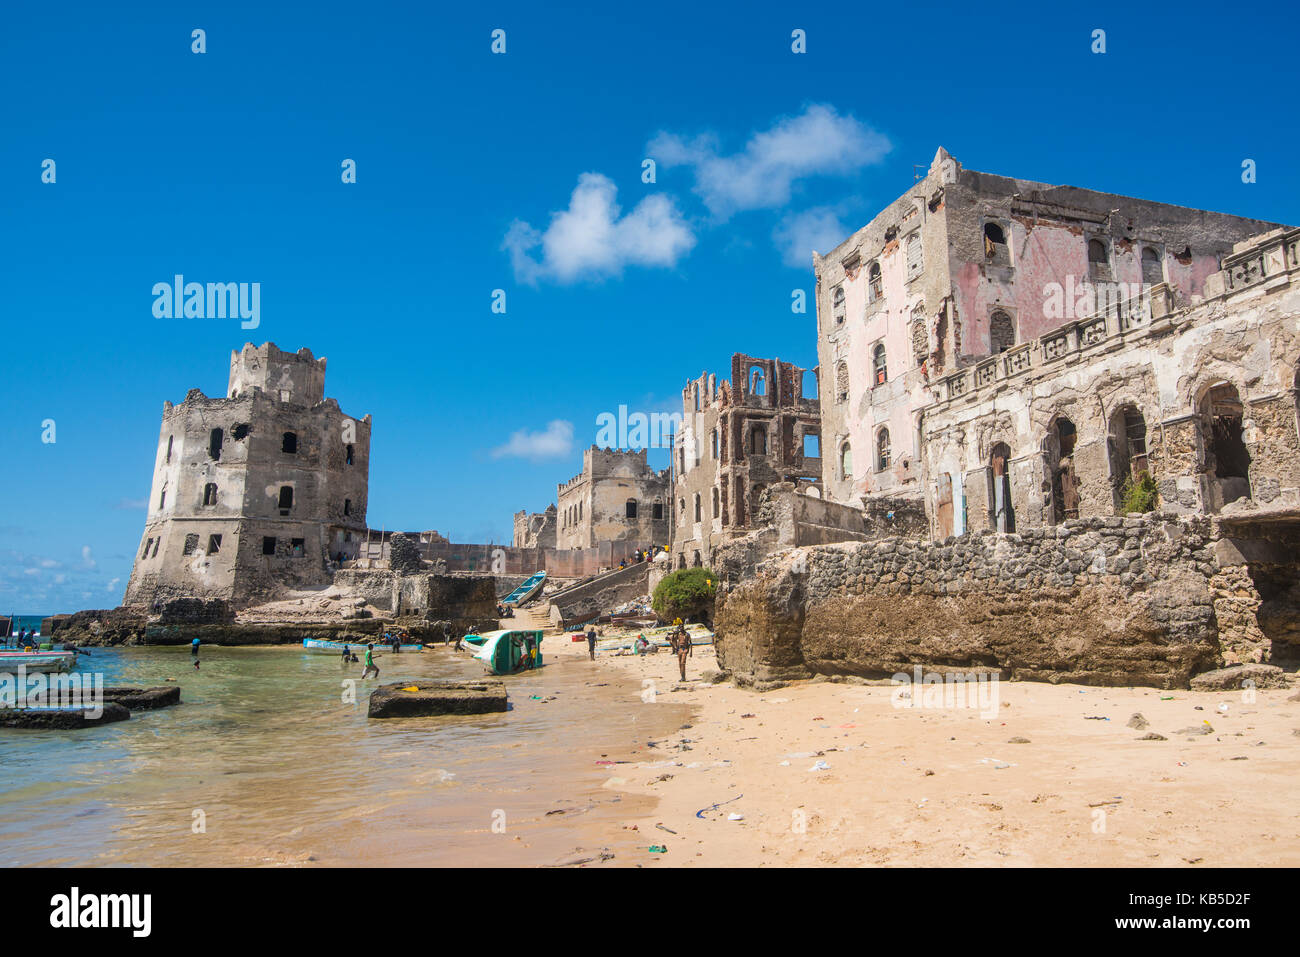 The old Italian harbour with its lighthouse, Mogadishu, Somalia, Africa - Stock Image